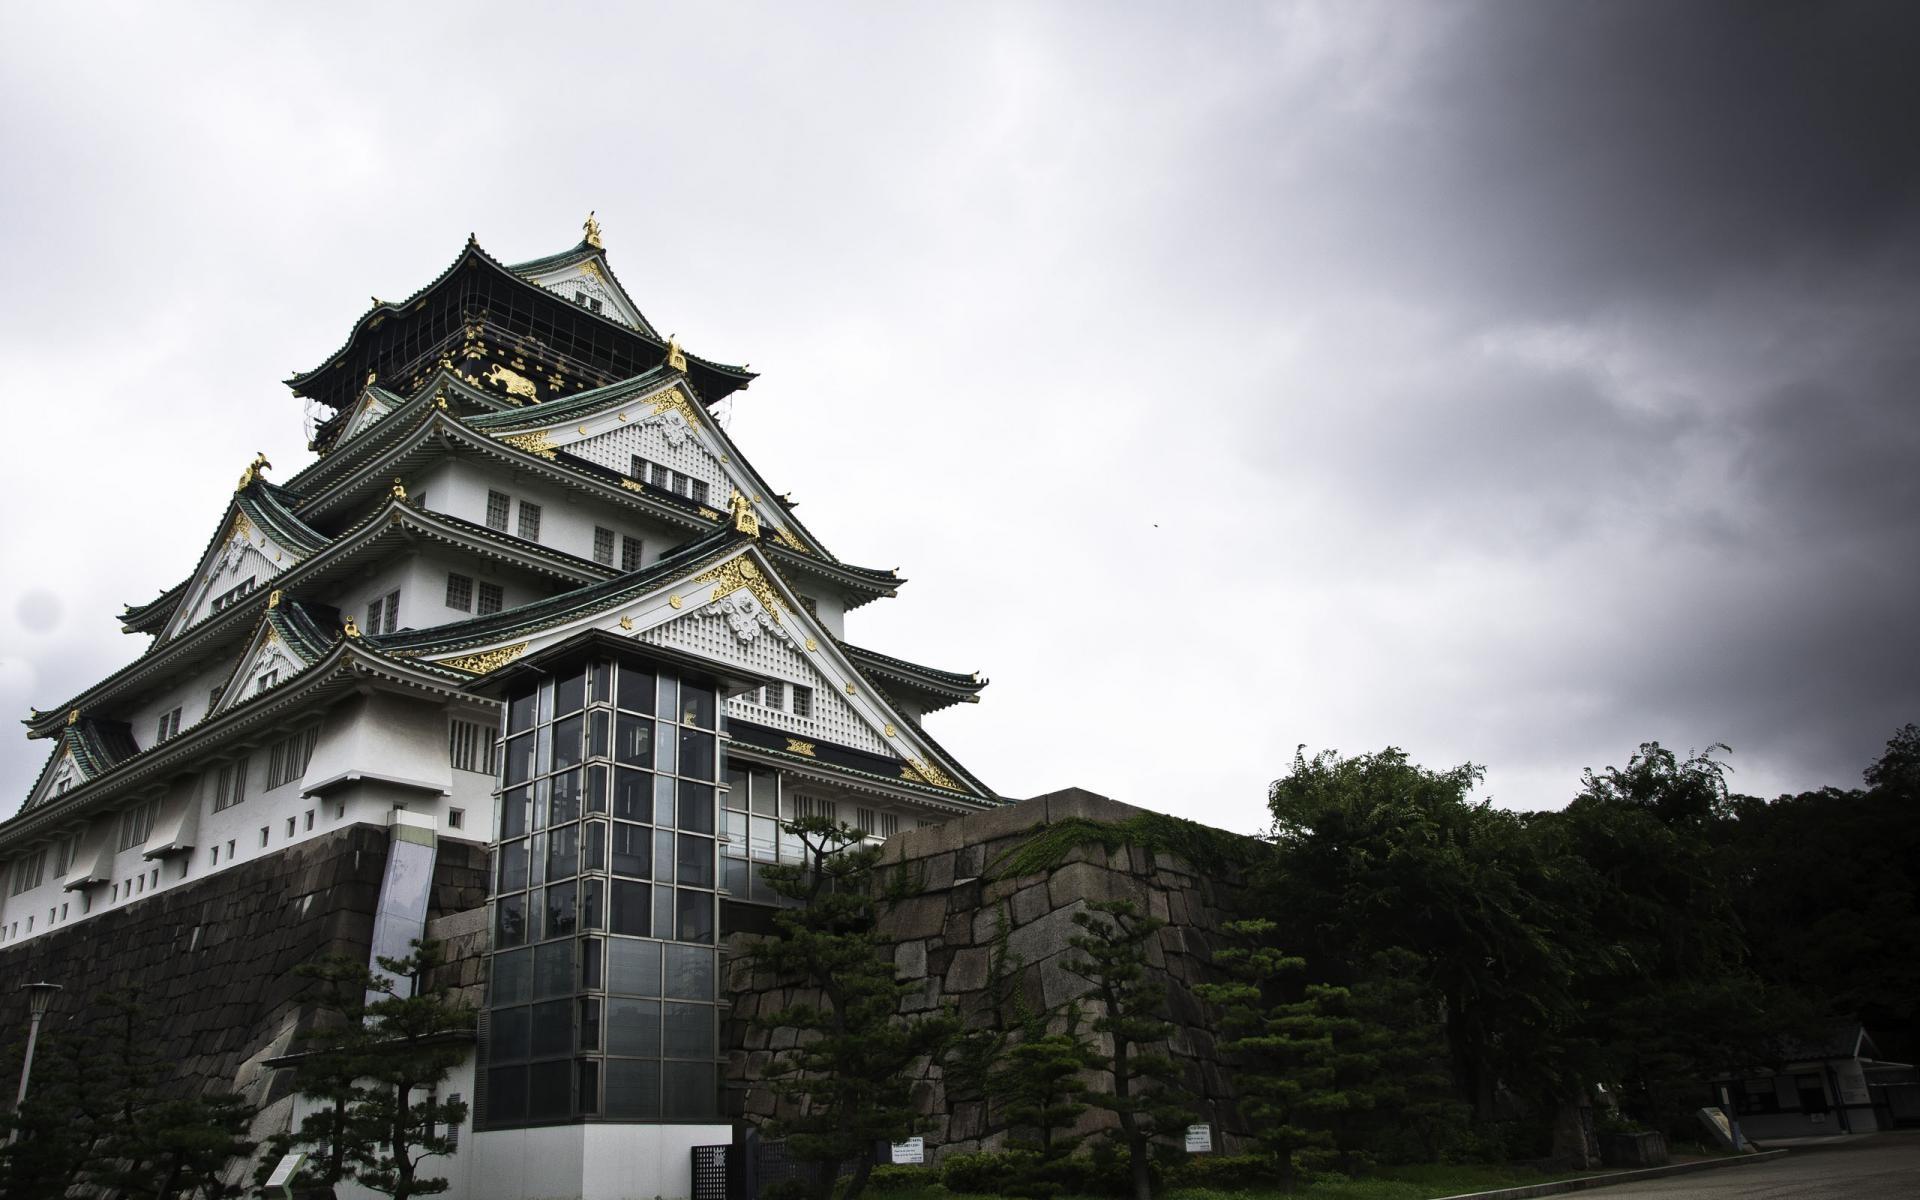 нас японский замок картинка какими должны быть